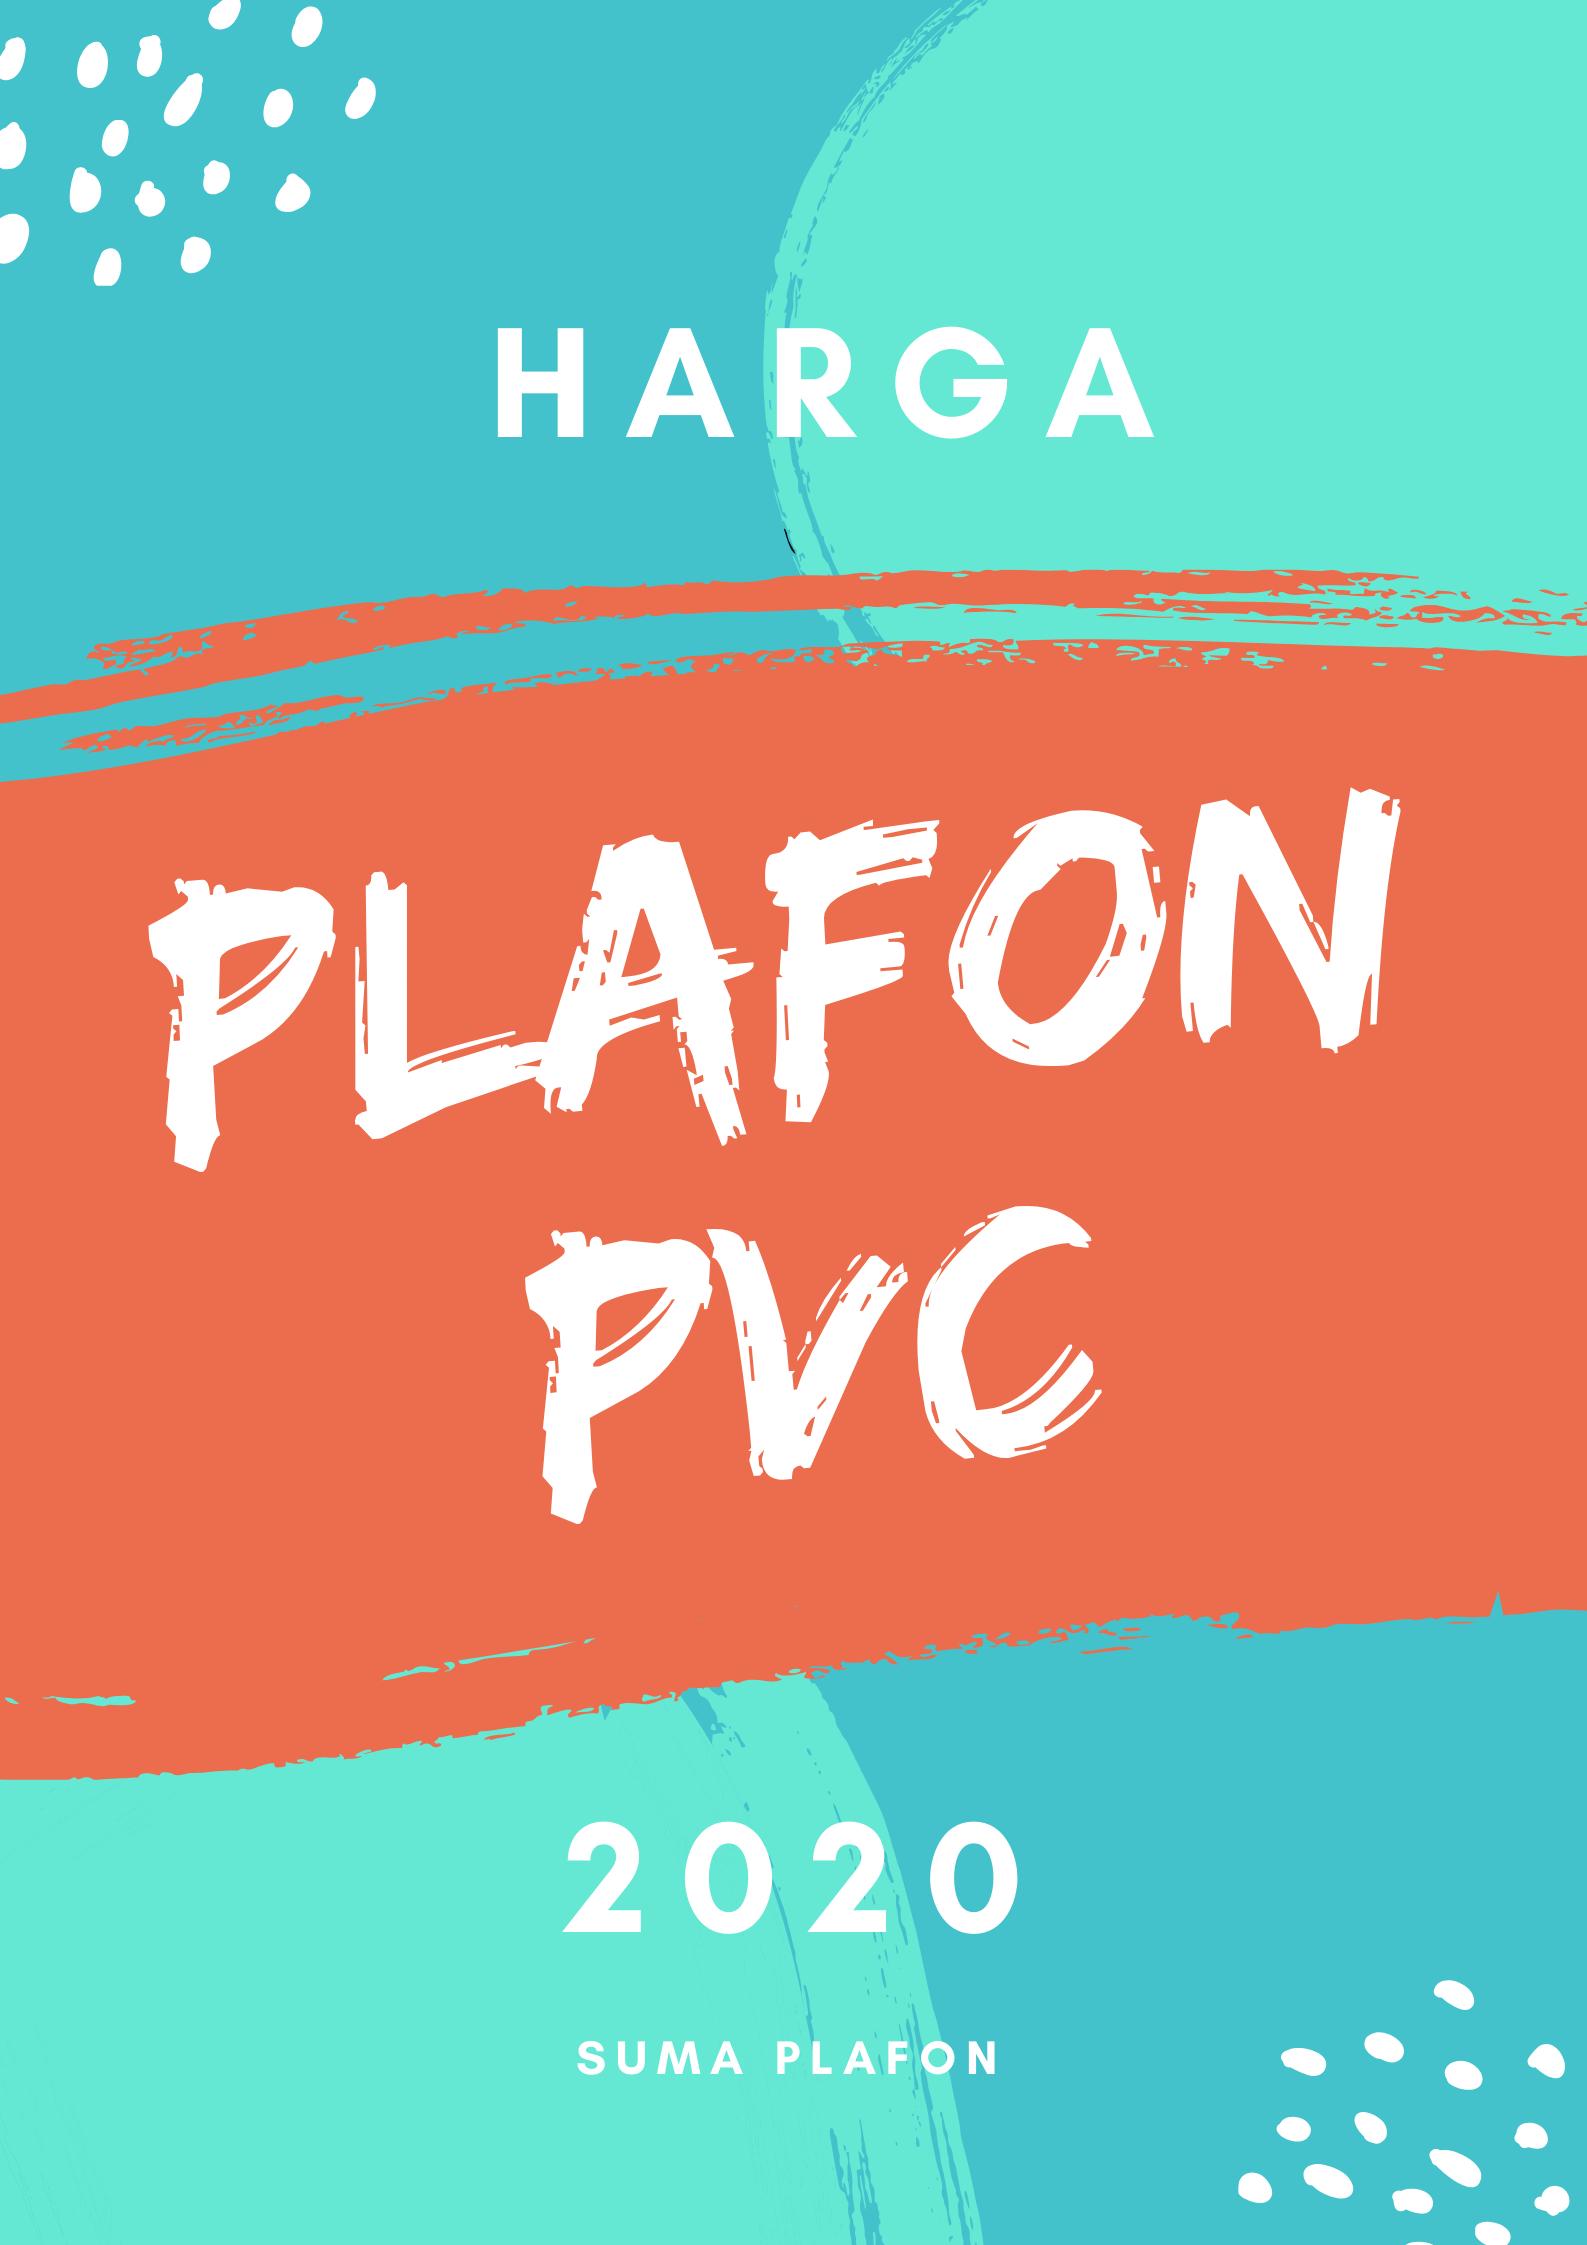 HARGA PLAFON PVC 2020